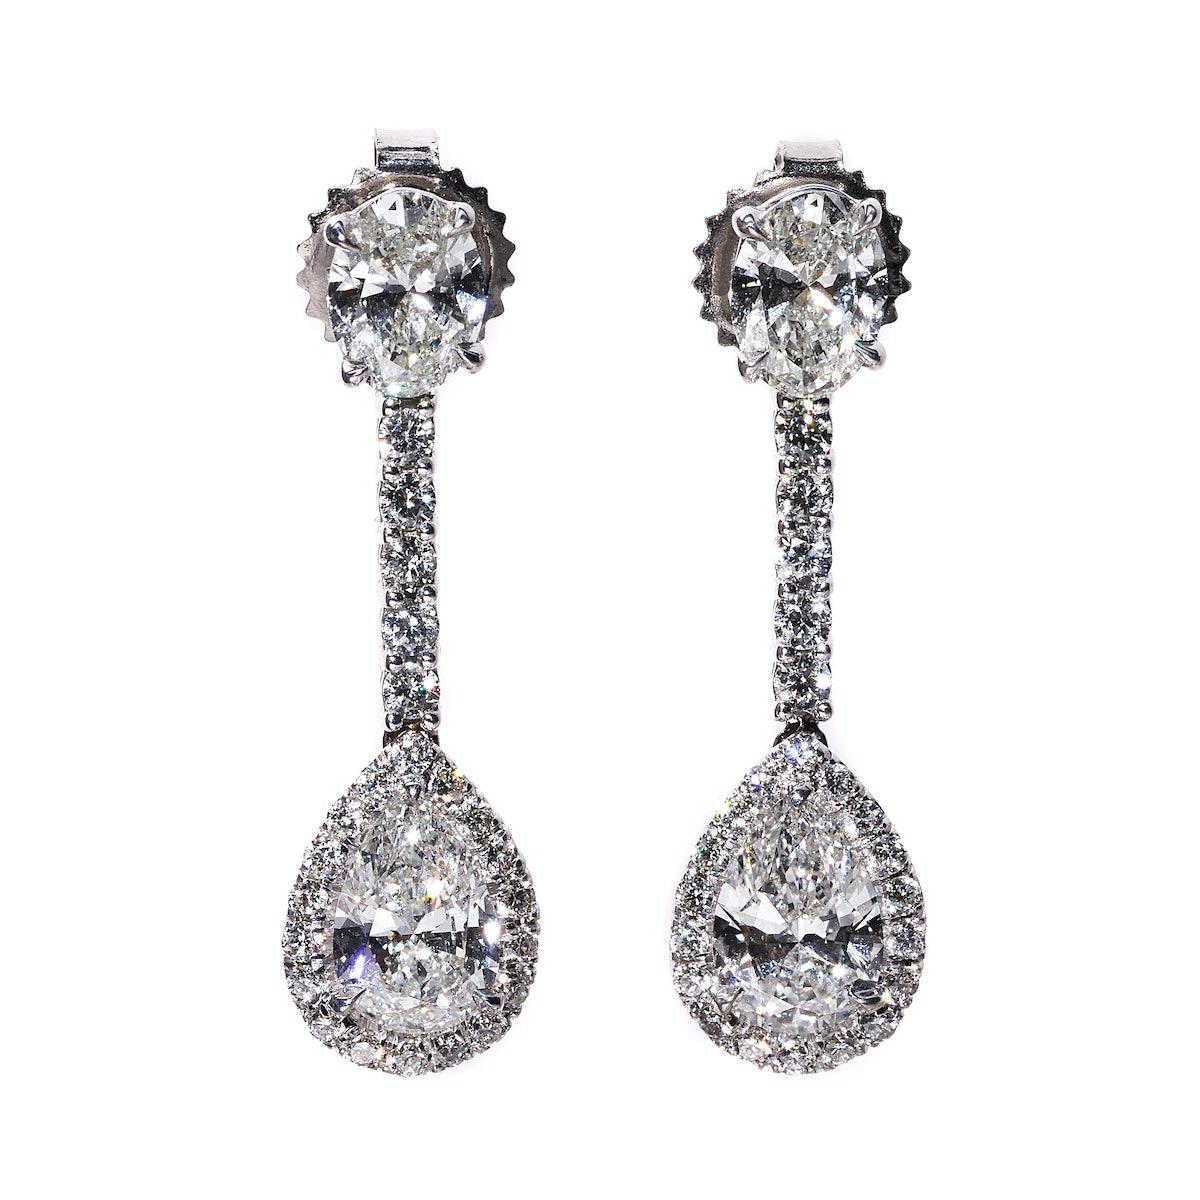 Forevermark gold and diamond earrings